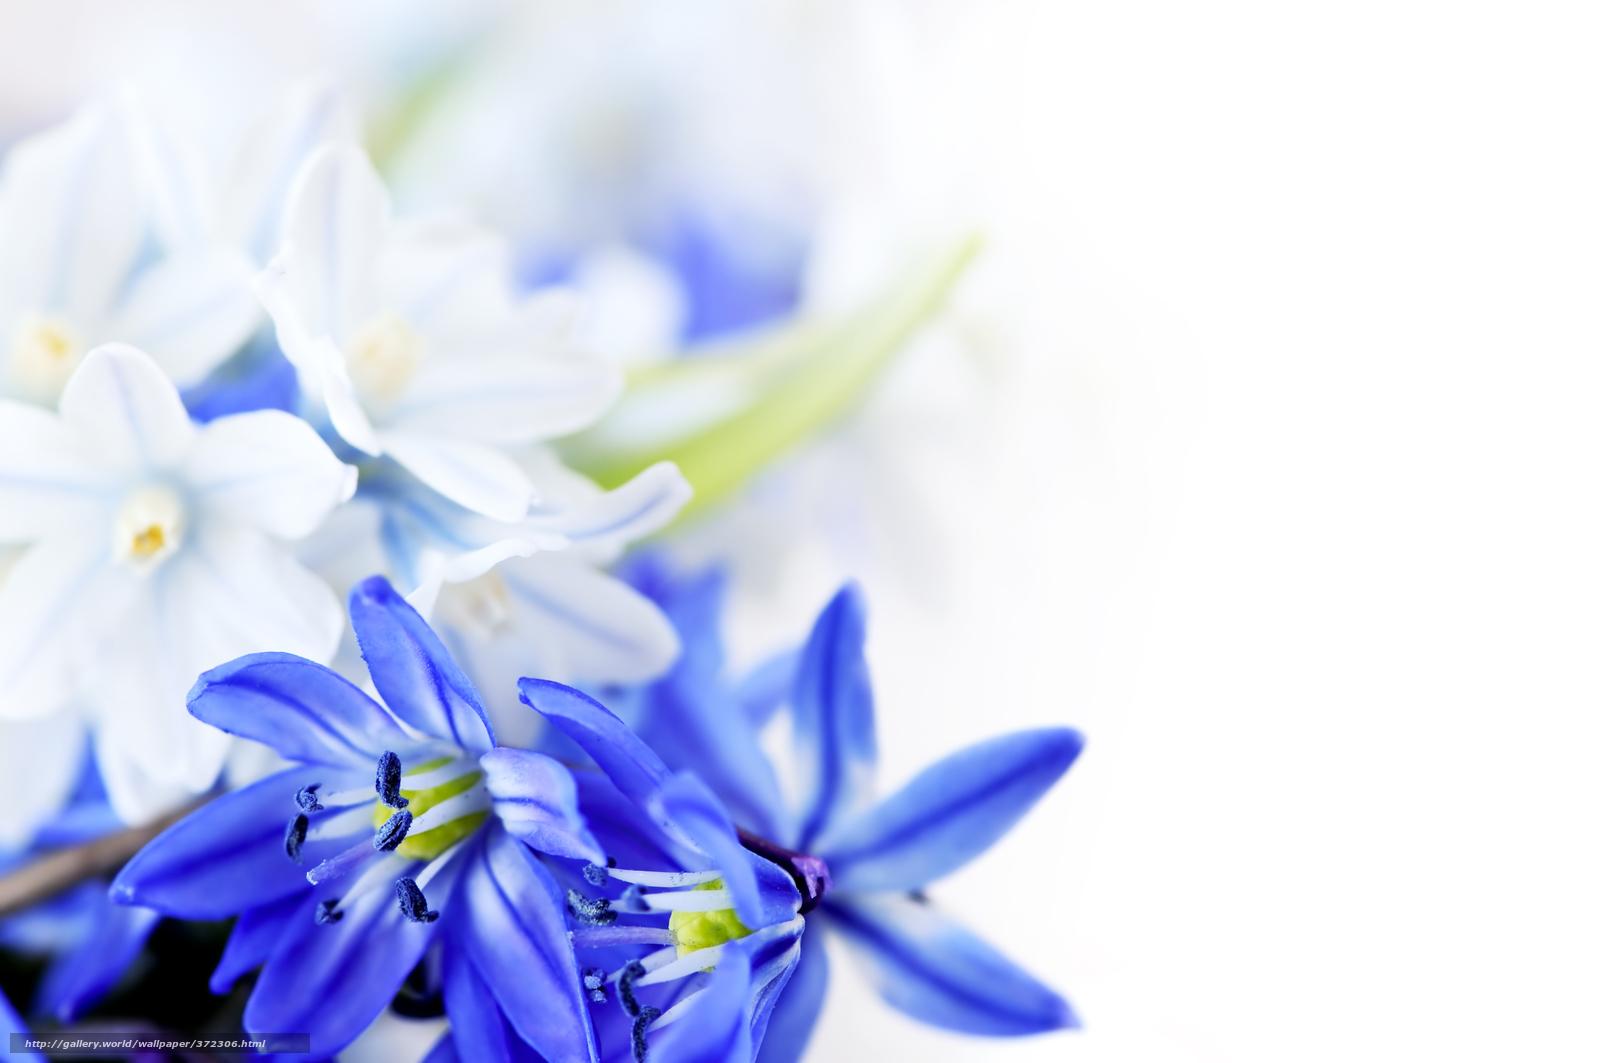 Скачать обои цветы,  синие цветы,  листки бесплатно для рабочего стола в разрешении 8500x5646 — картинка №372306